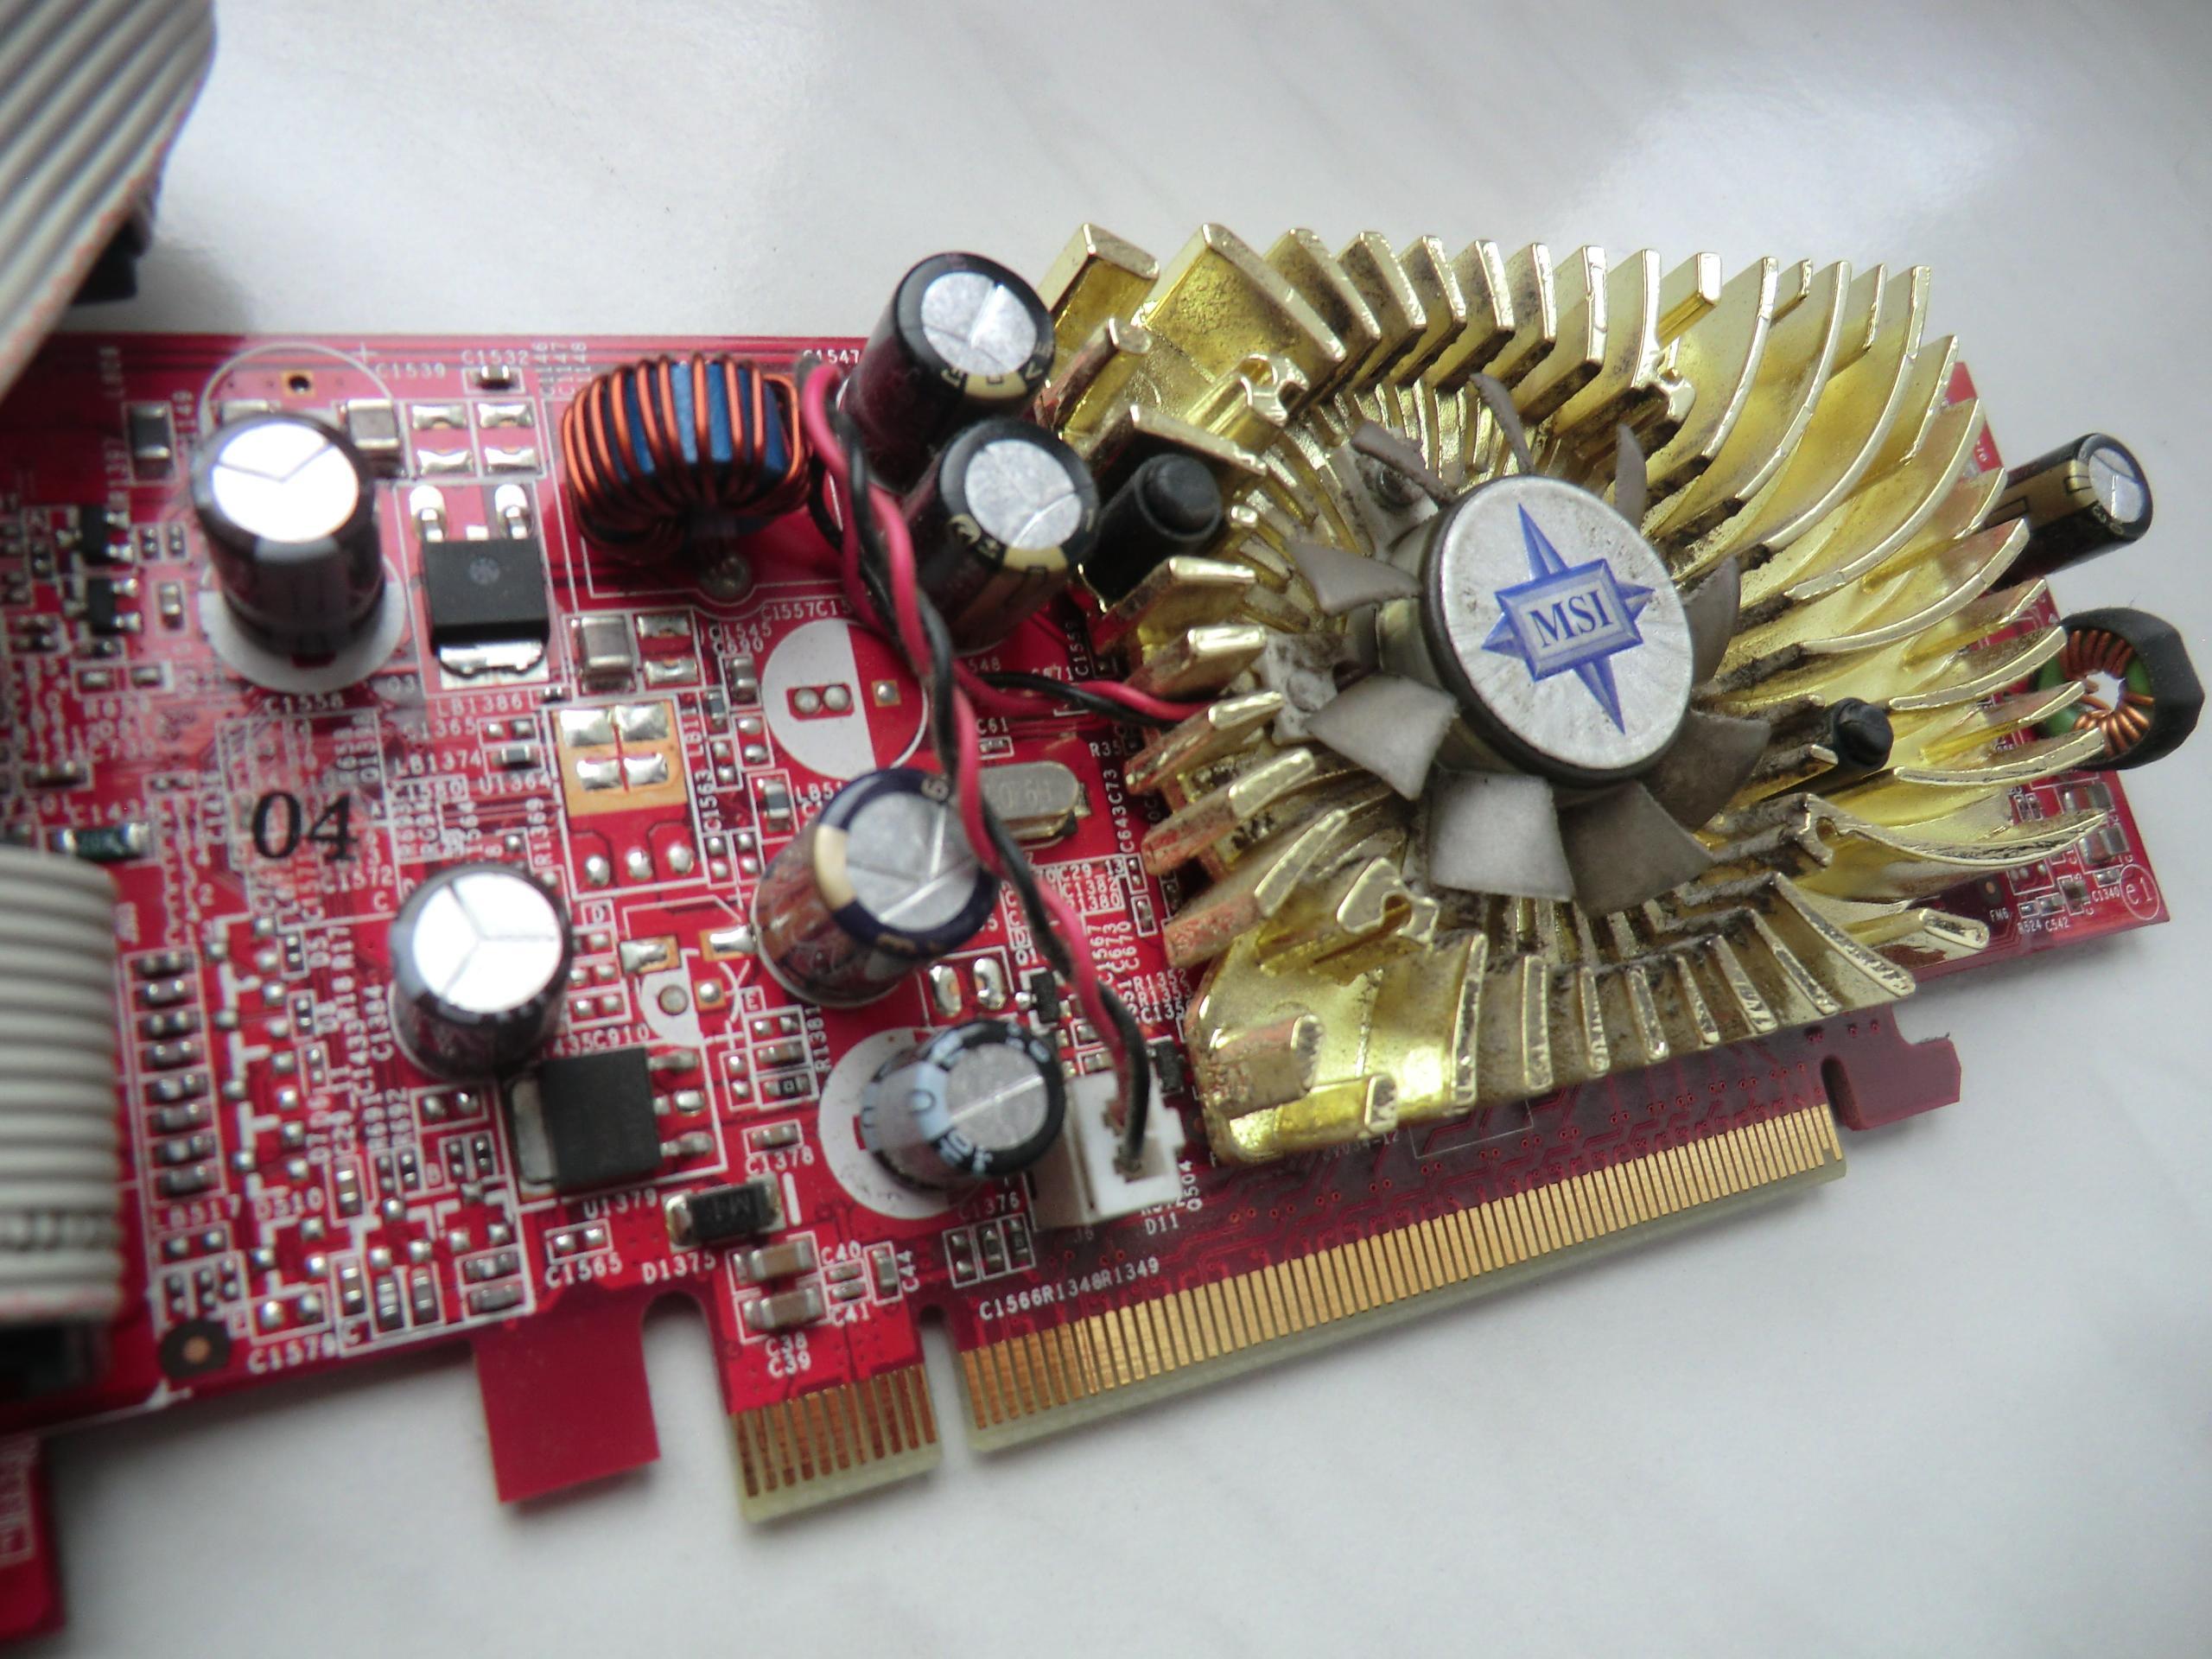 [Sprzedam] Komputer: Sempron3000+ 512MB/160GB SATA GF7300GS 256MB